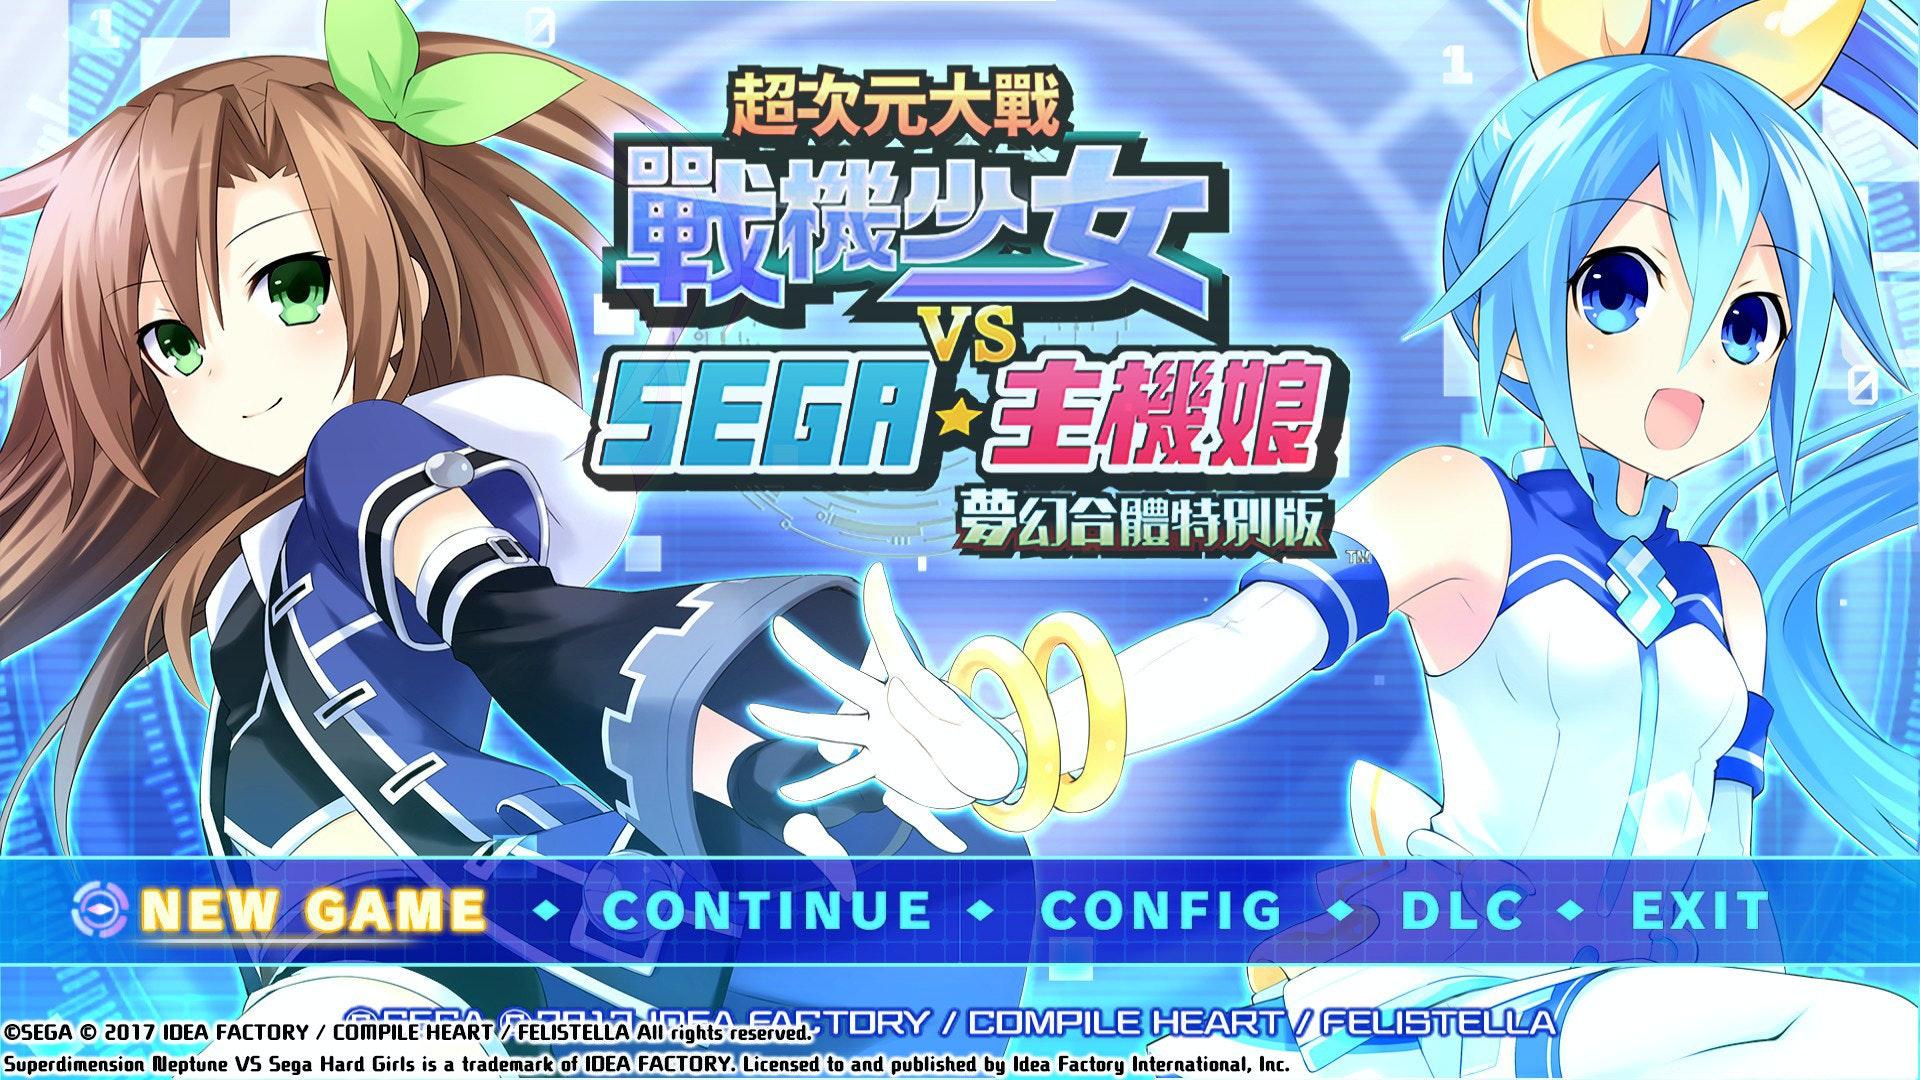 是Steam遊戲特價快訊:超次元大战 海王星VS世嘉主机少女 梦幻合体Special(Superdimension Neptune VS Sega Hard Girls | 超次元大戦ネプテューヌVSセガハードガールズ夢の合体スペシャル  | 超次元大戰戰機少女VS SEGA主機娘夢幻合體特別版) 現在特價206元 便宜482元這篇文章的首圖